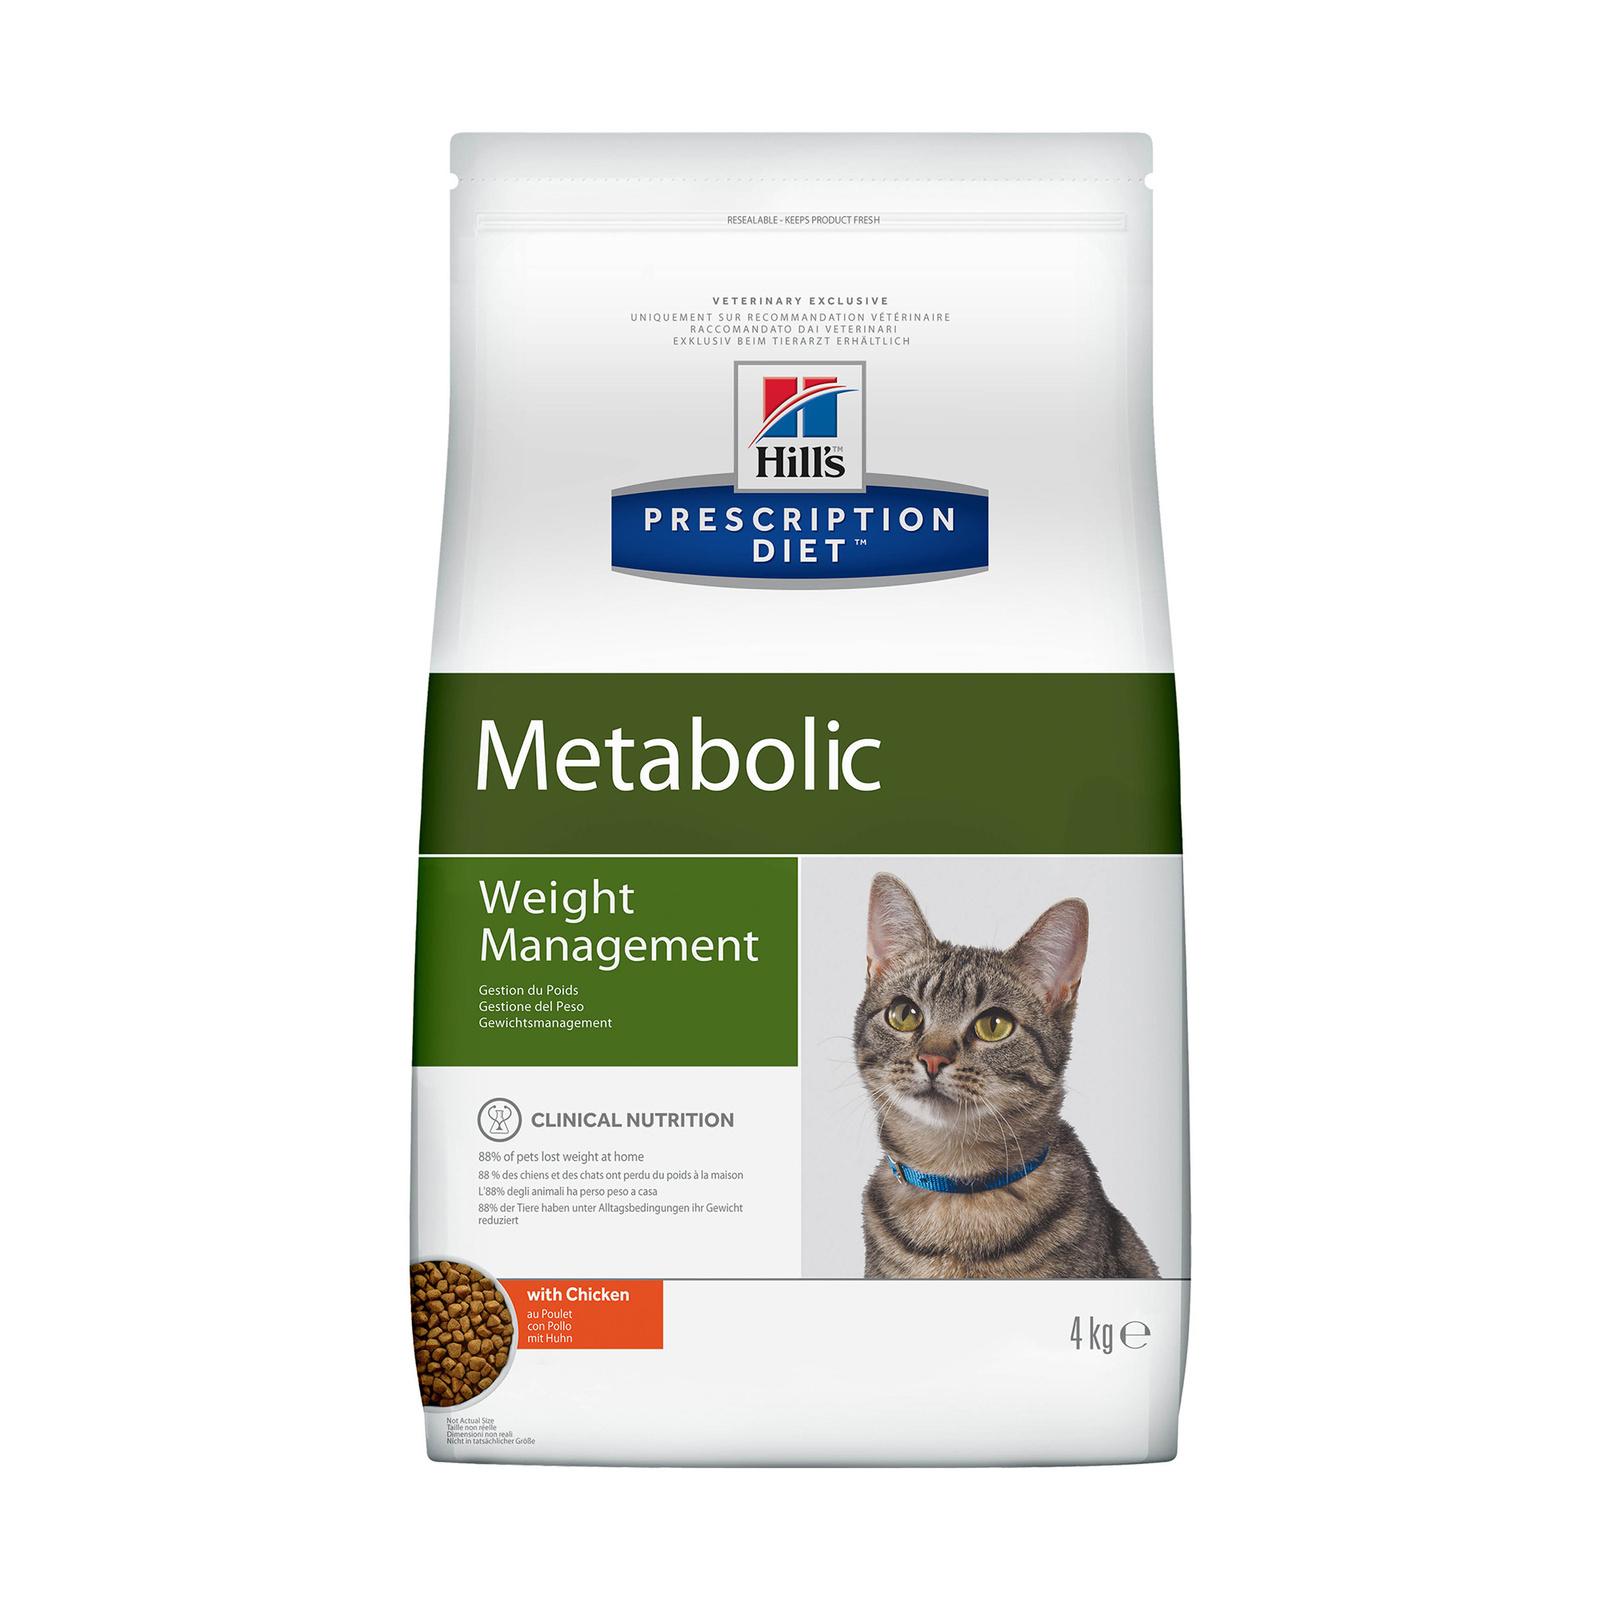 Hill's Prescription Diet Metabolic сухой диетический для кошек, способствует снижению и контролю веса, с курицей (1,5 кг)